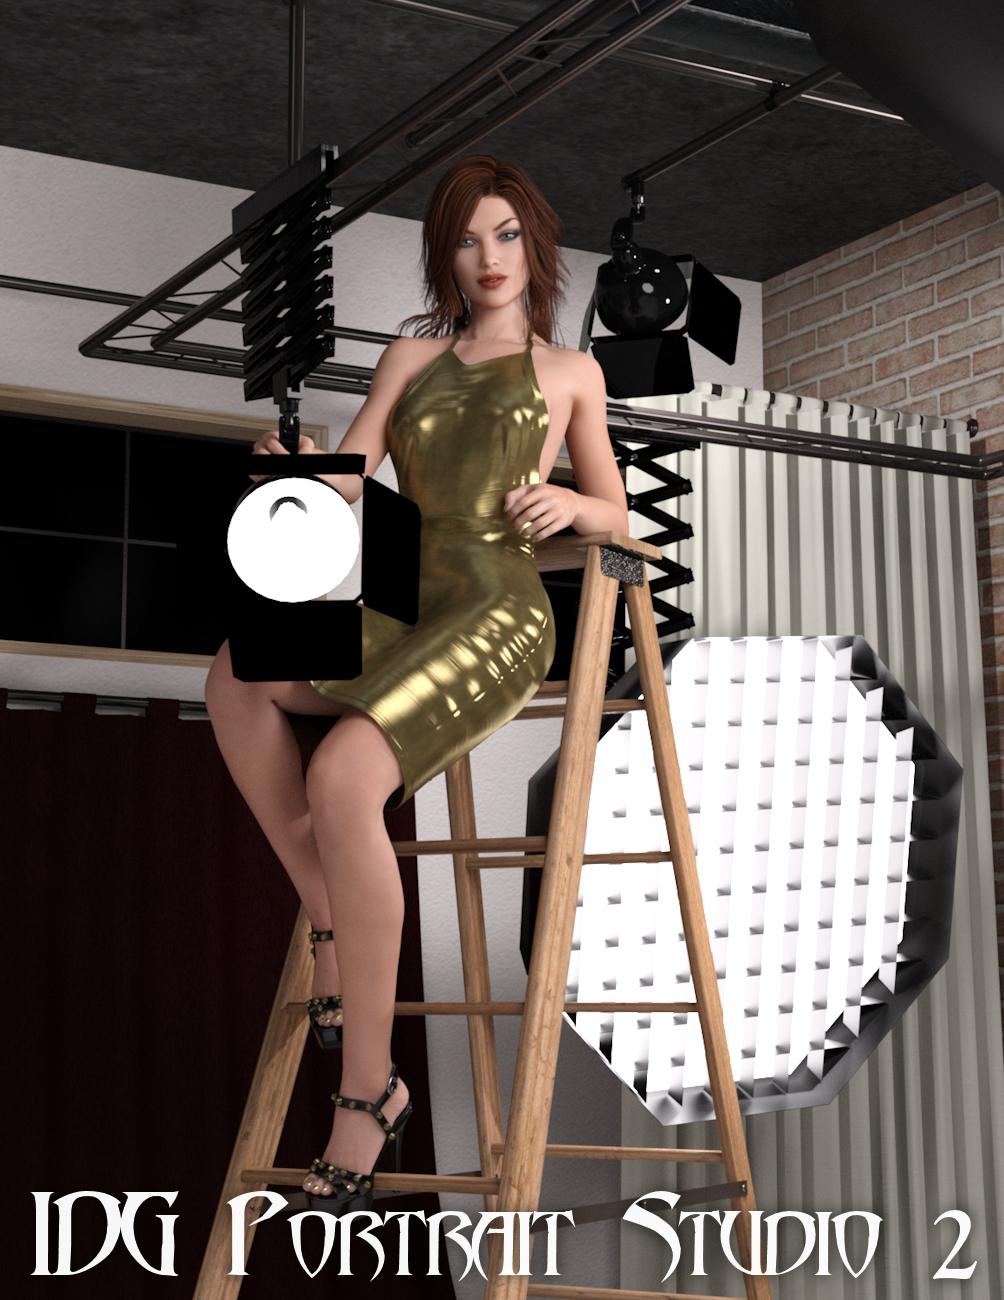 IDG Portrait Studio 2 by: IDG DesignsDestinysGardenInaneGlory, 3D Models by Daz 3D